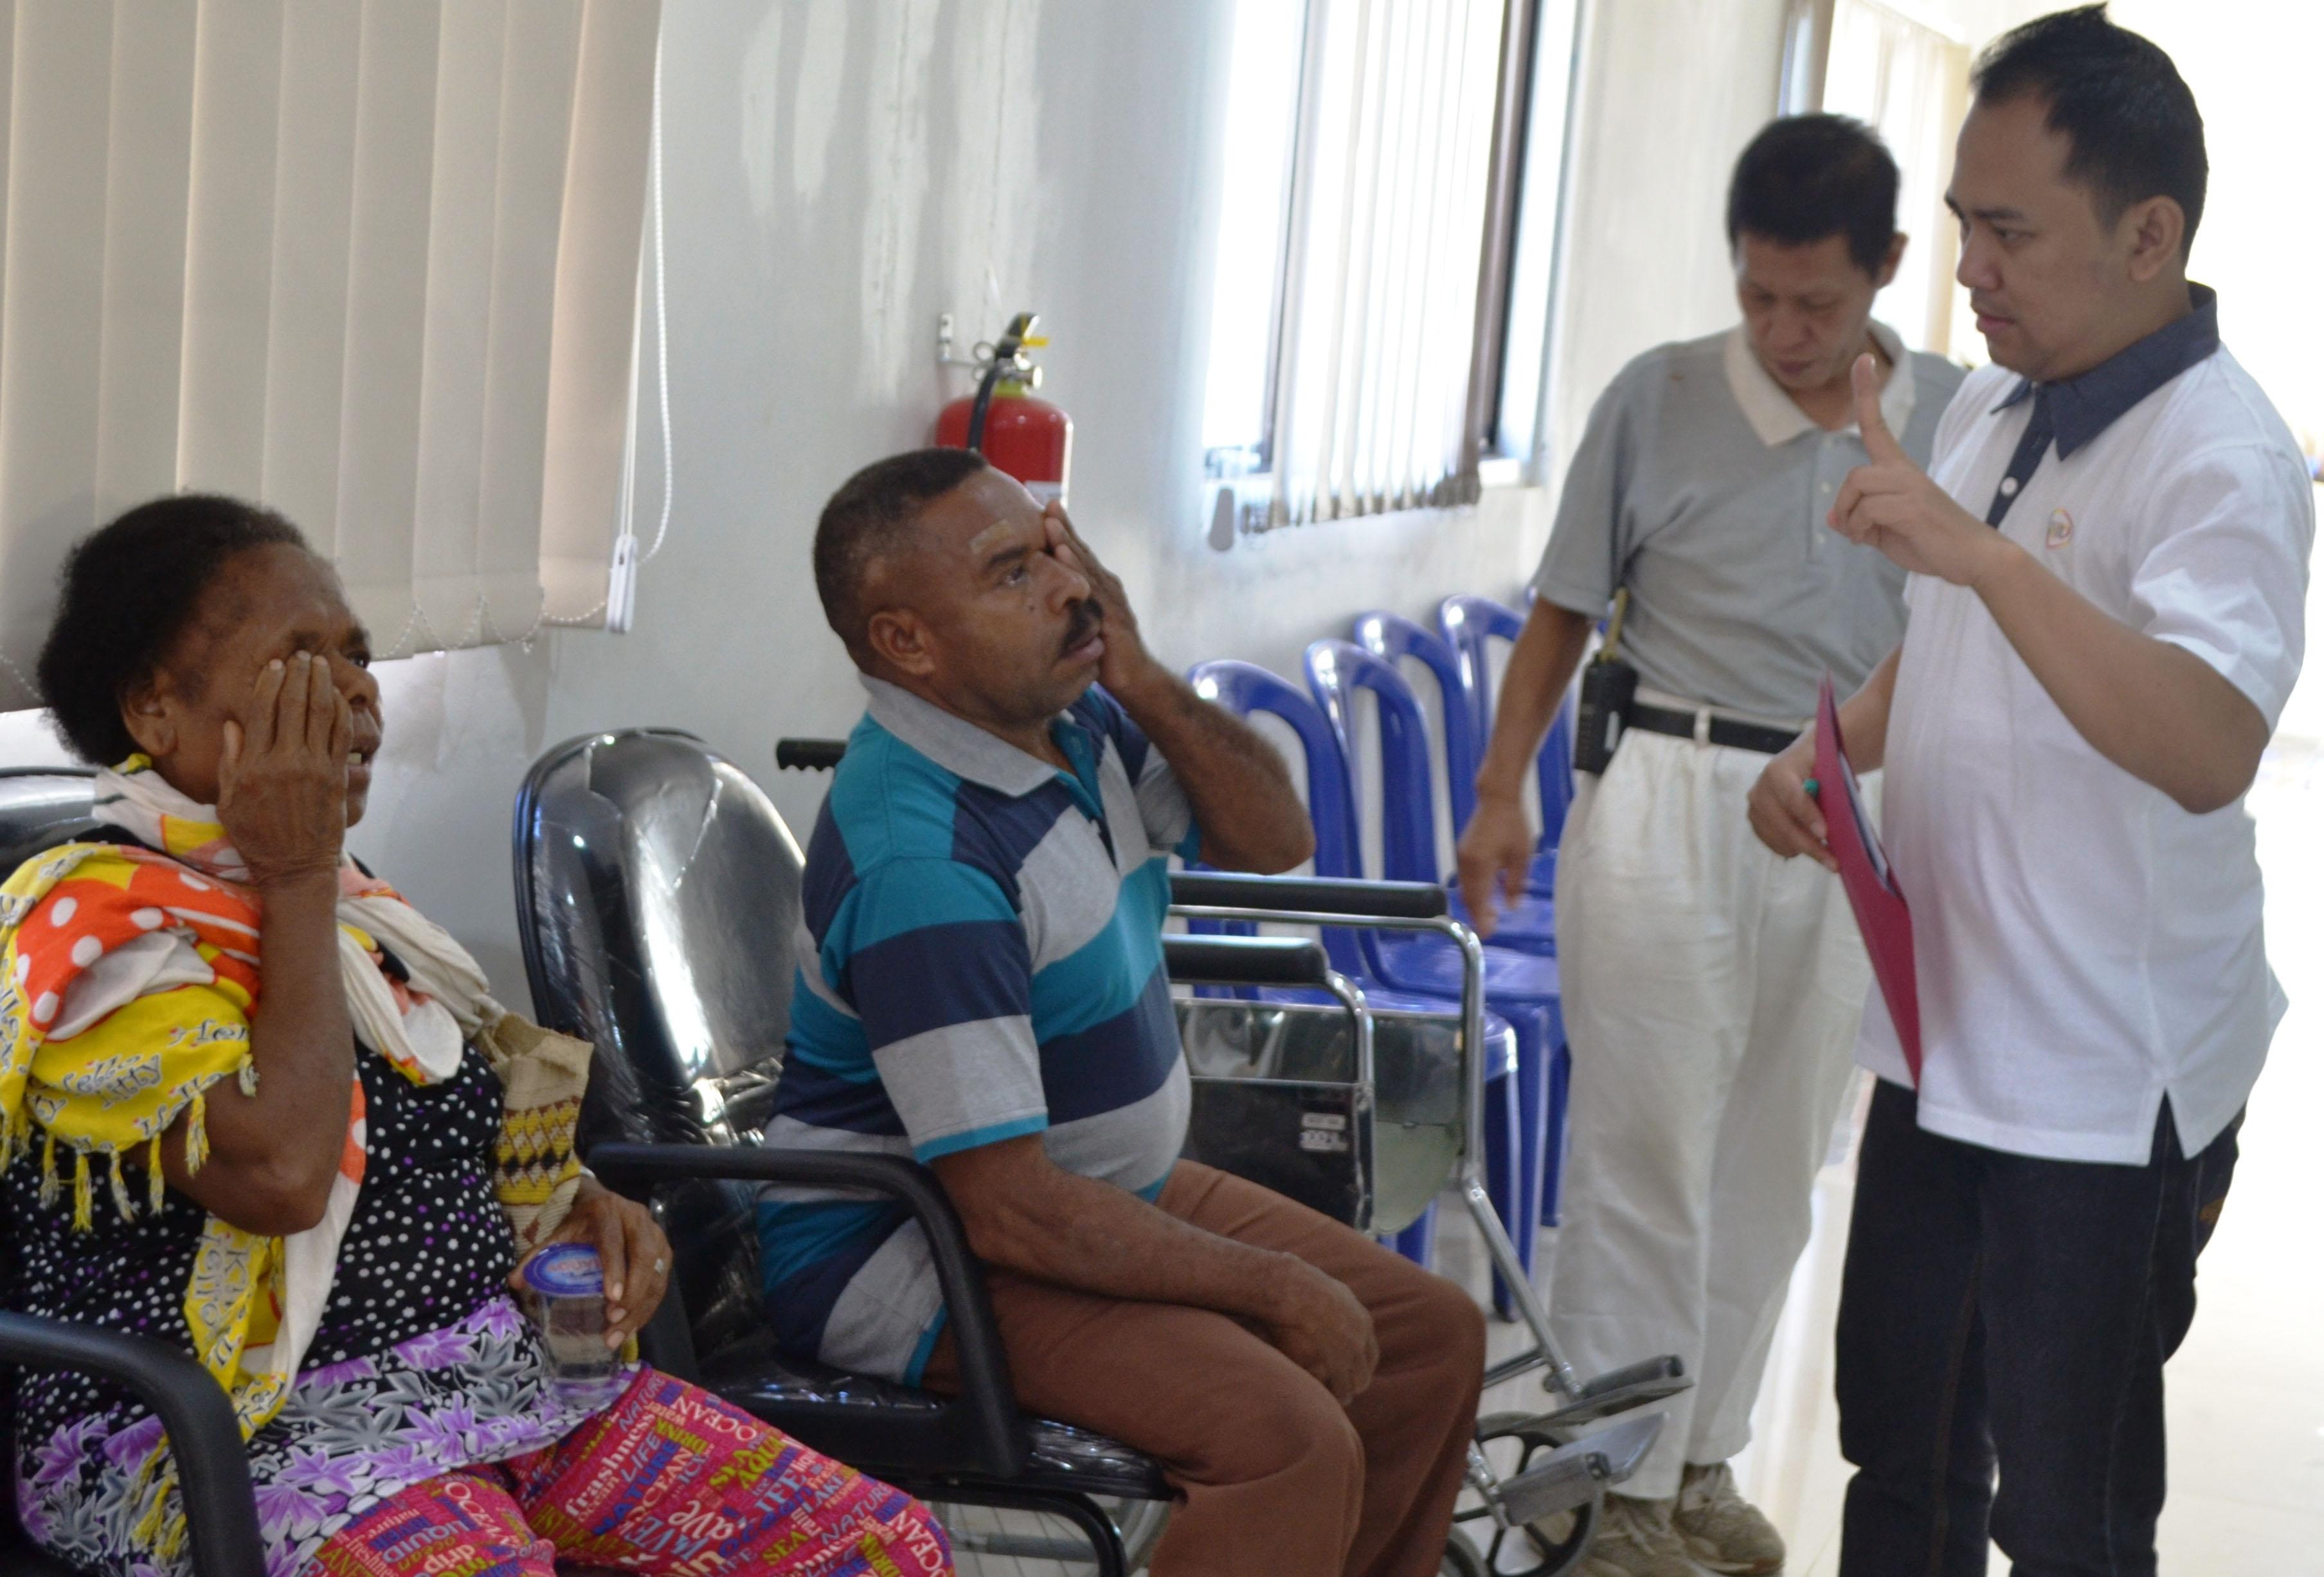 完成手術治療的病患瑪莎(Martha Basna,左),護士揭開她左眼紗布後,進行視力測試。